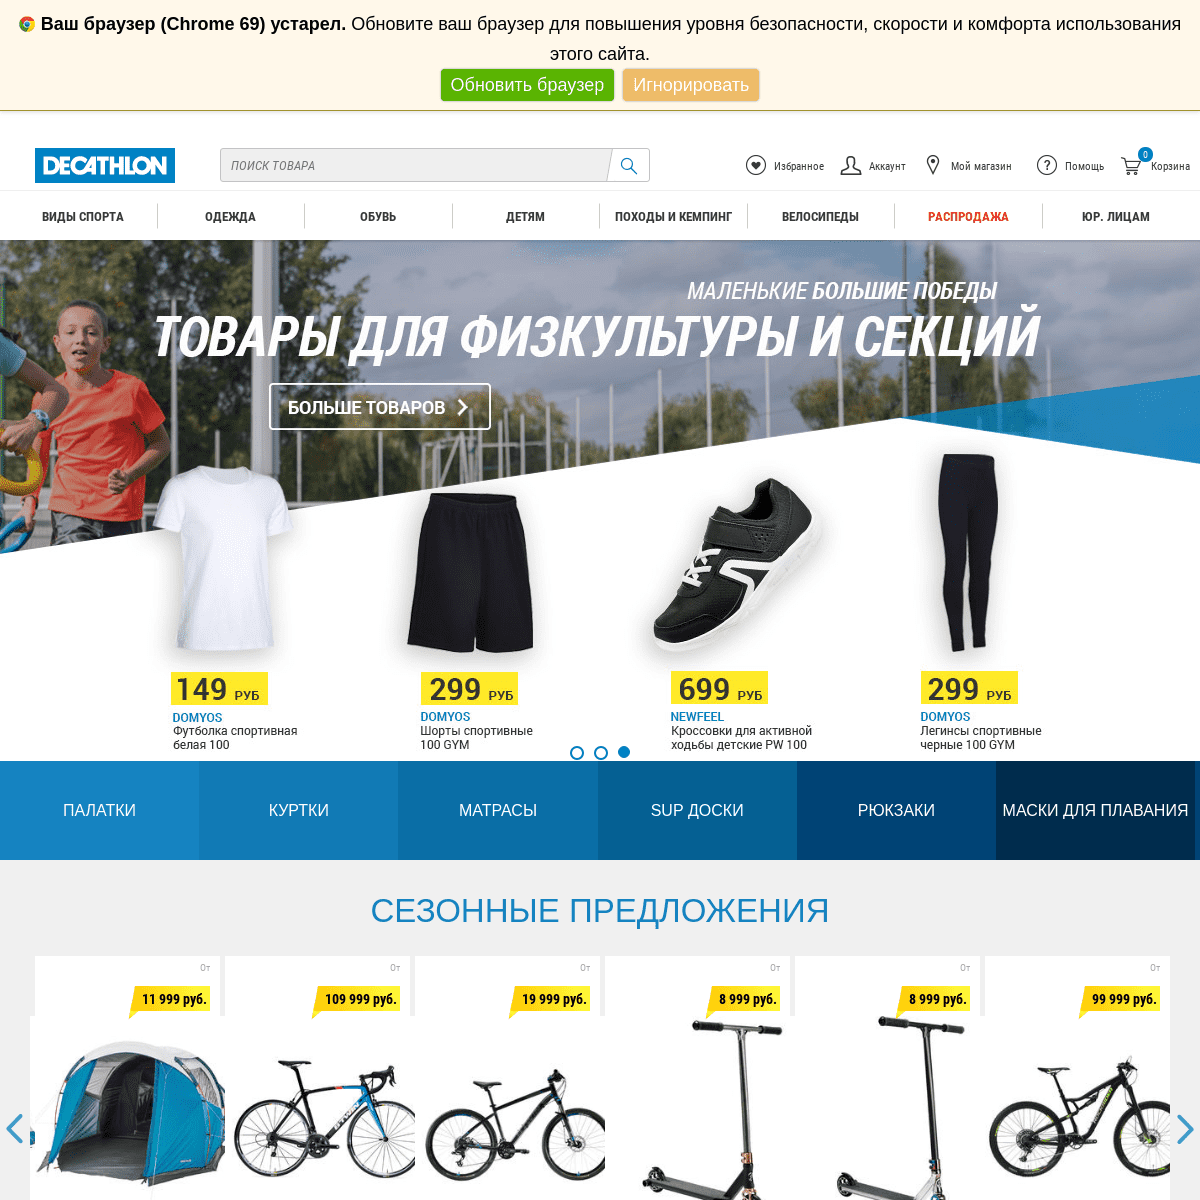 ДЕКАТЛОН- Европейский спортивный интернет-магазин и доставка на дом б